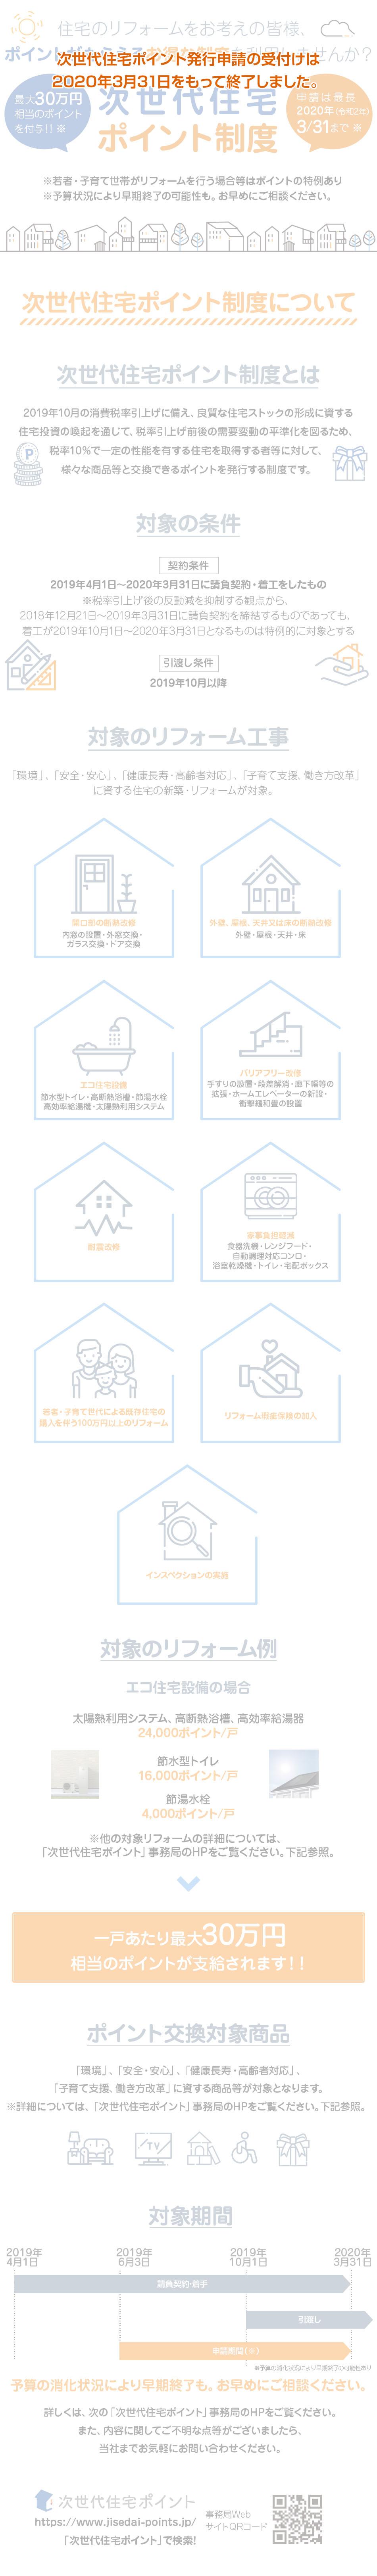 住宅のリフォームをお考えの皆様、ポイントがもらえるお得な制度(次世代住宅ポイント制度)を利用しませんか?